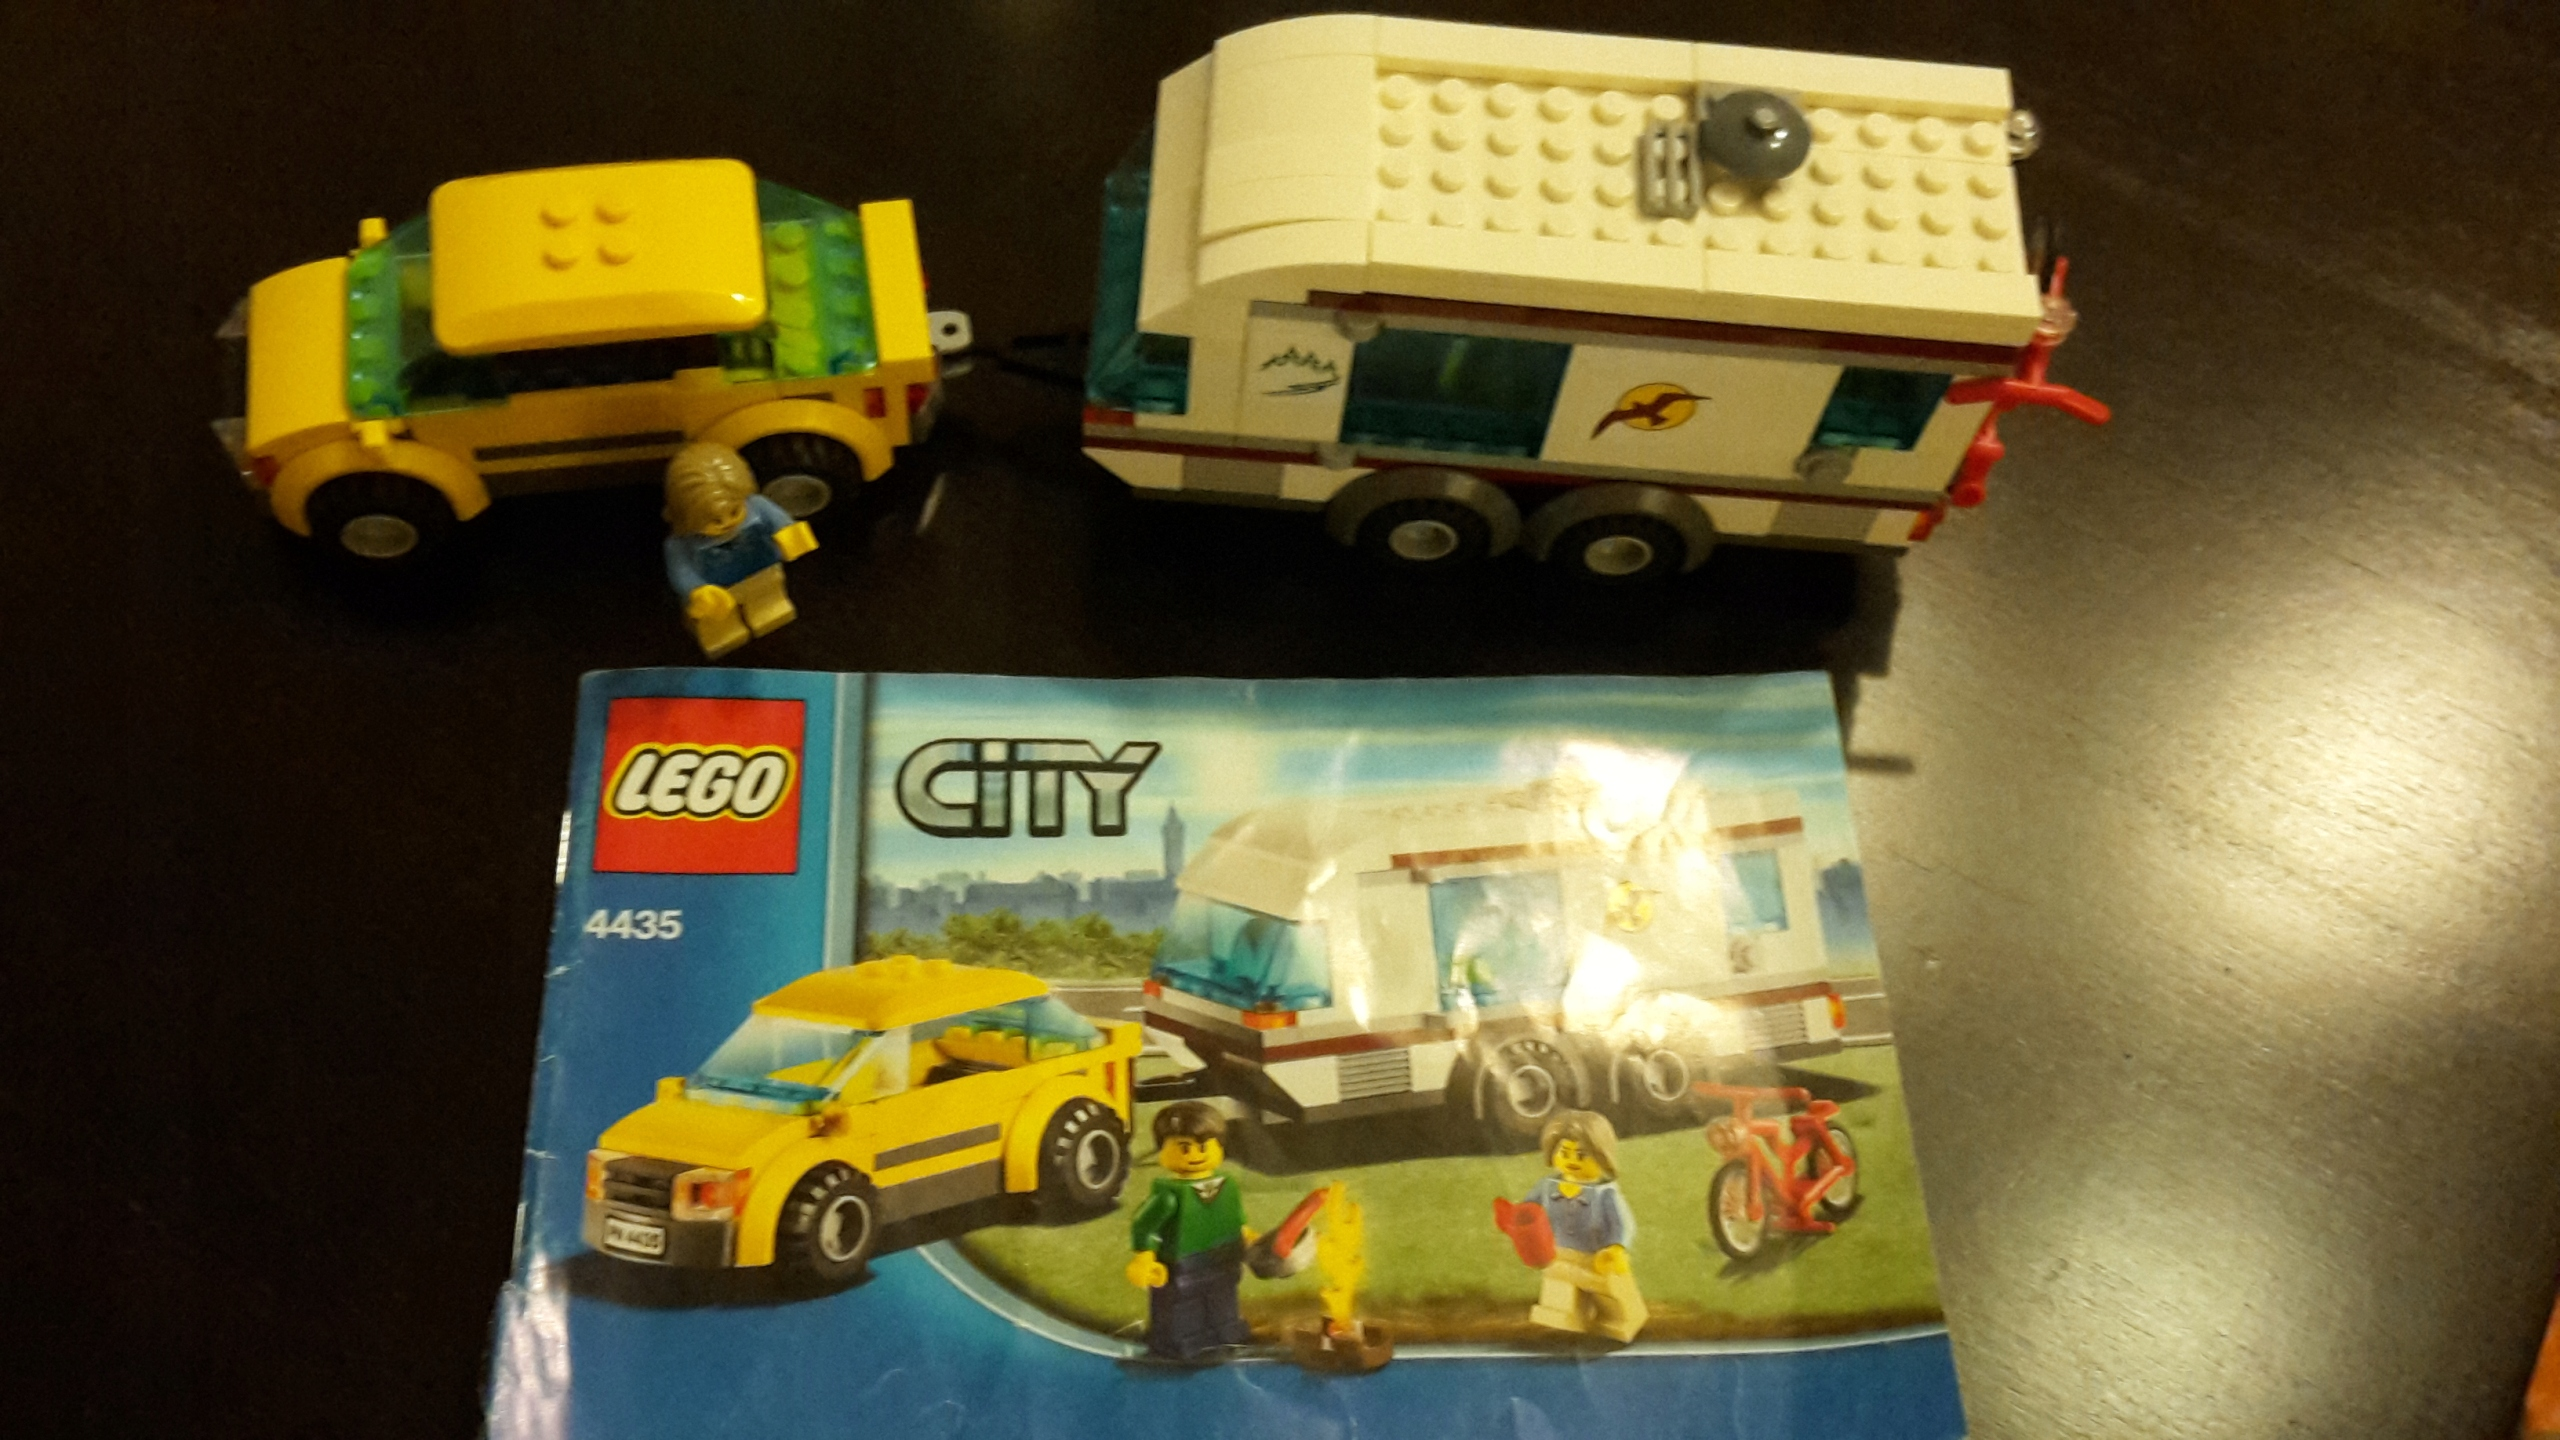 Lego City 4435 Samochód Z Przyczepą Kempingową 7448924452